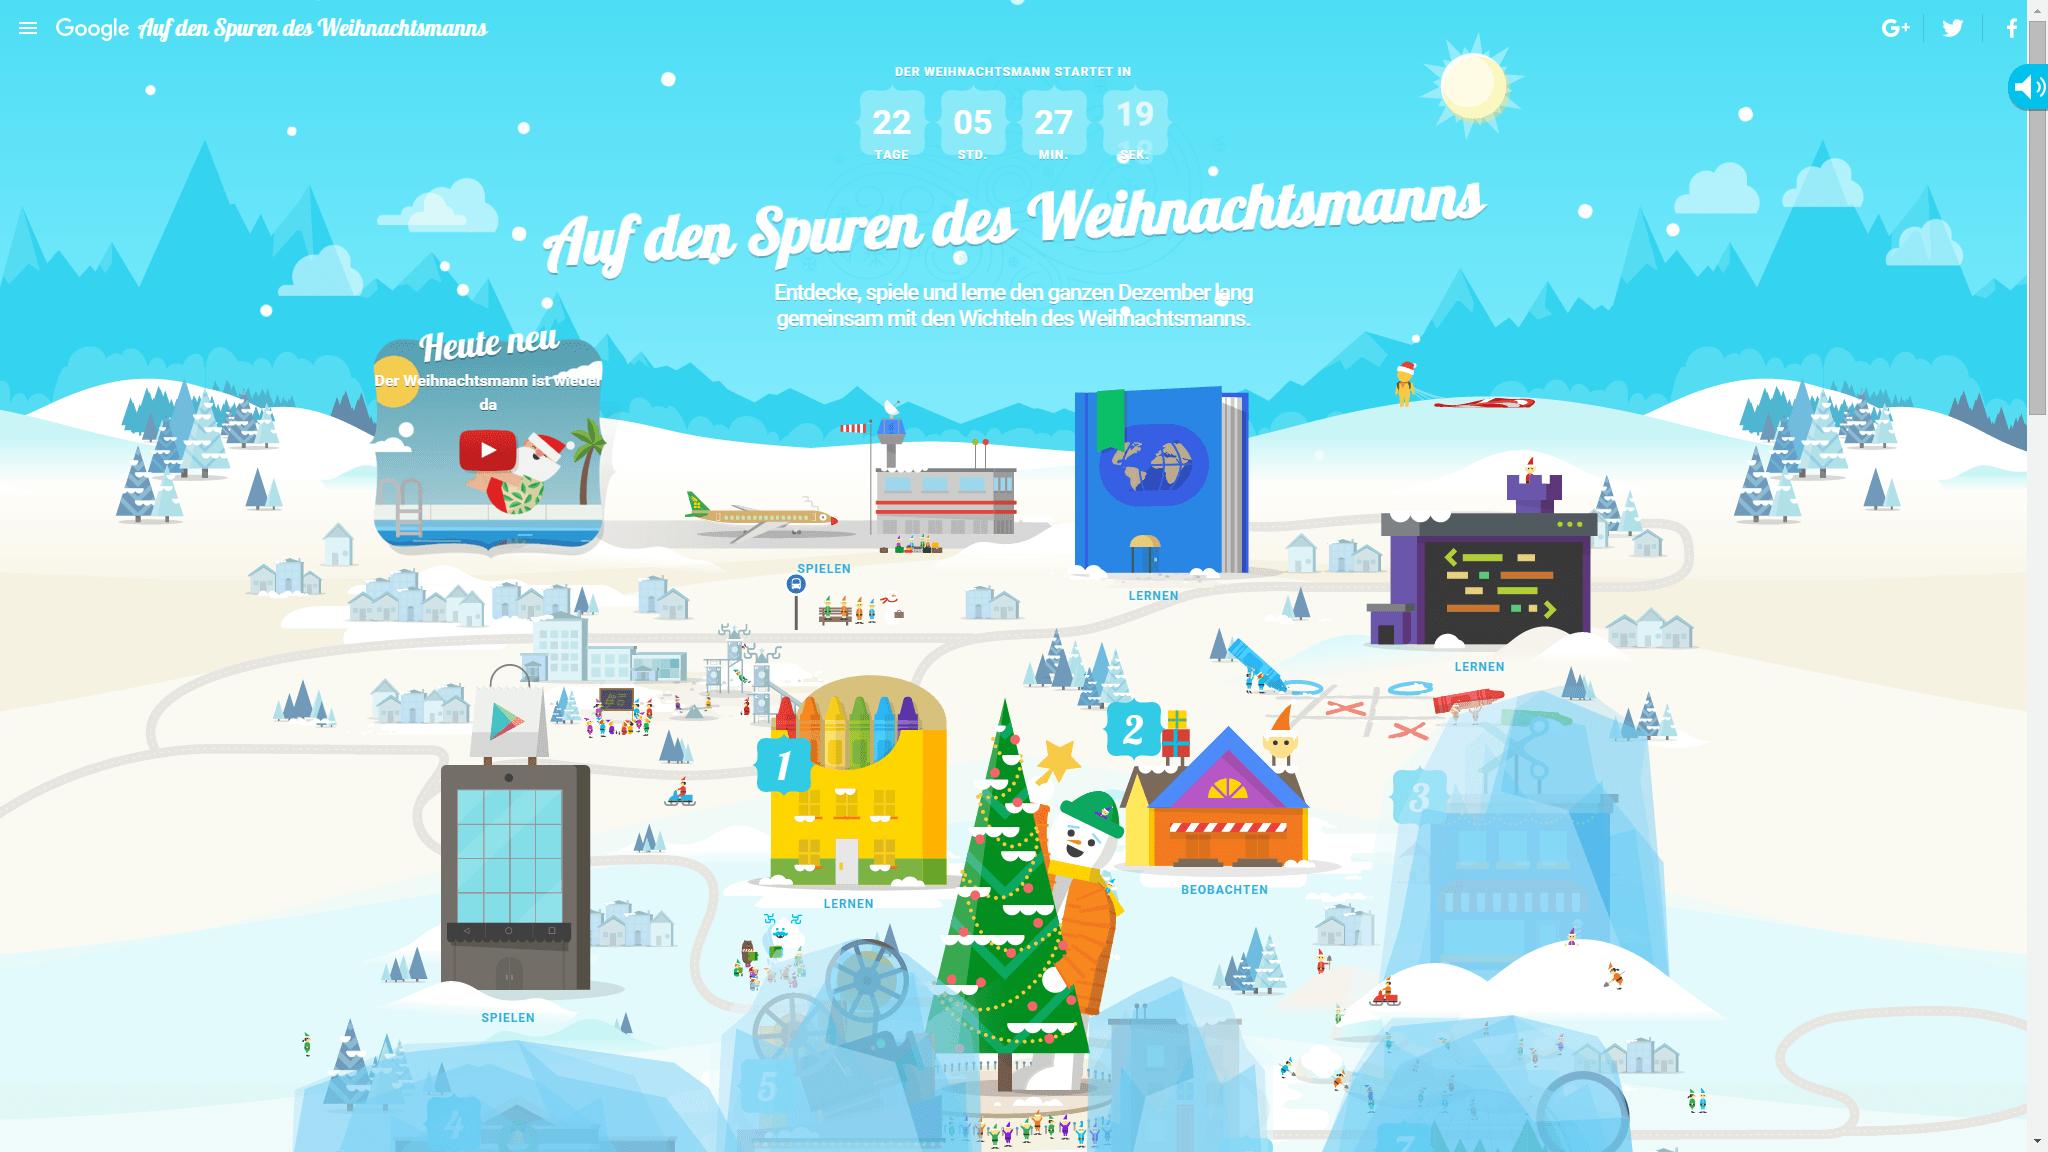 Weihnachtskalender Google.Santa Tracker 2015 Google Großer Adventskalender Mit Vielen